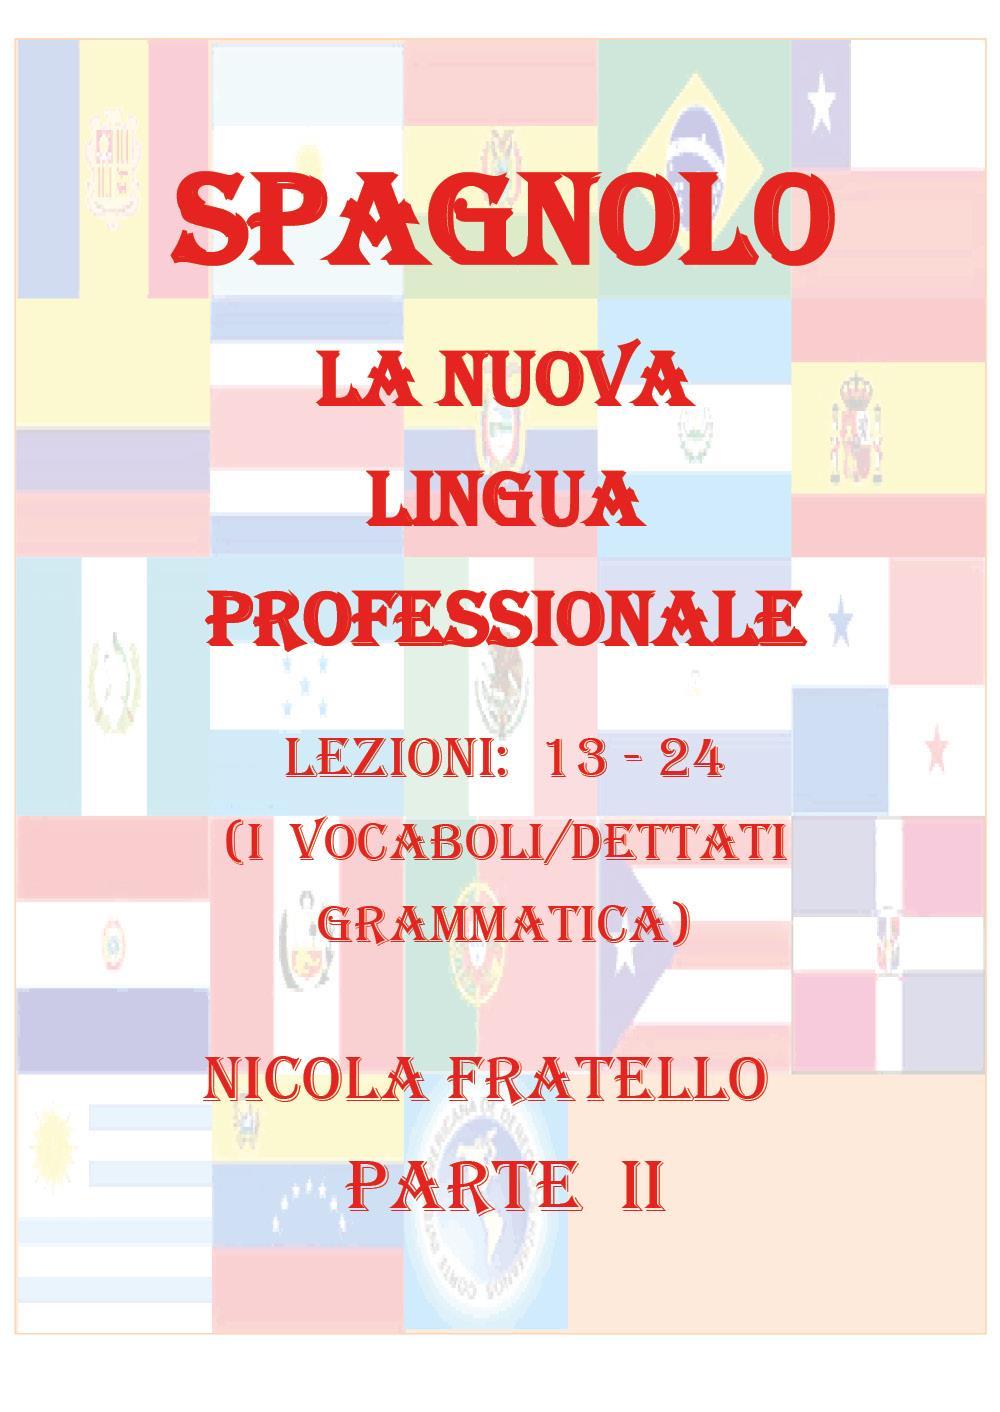 La Nuova Lingua Professionale Spagnolo - Parte II